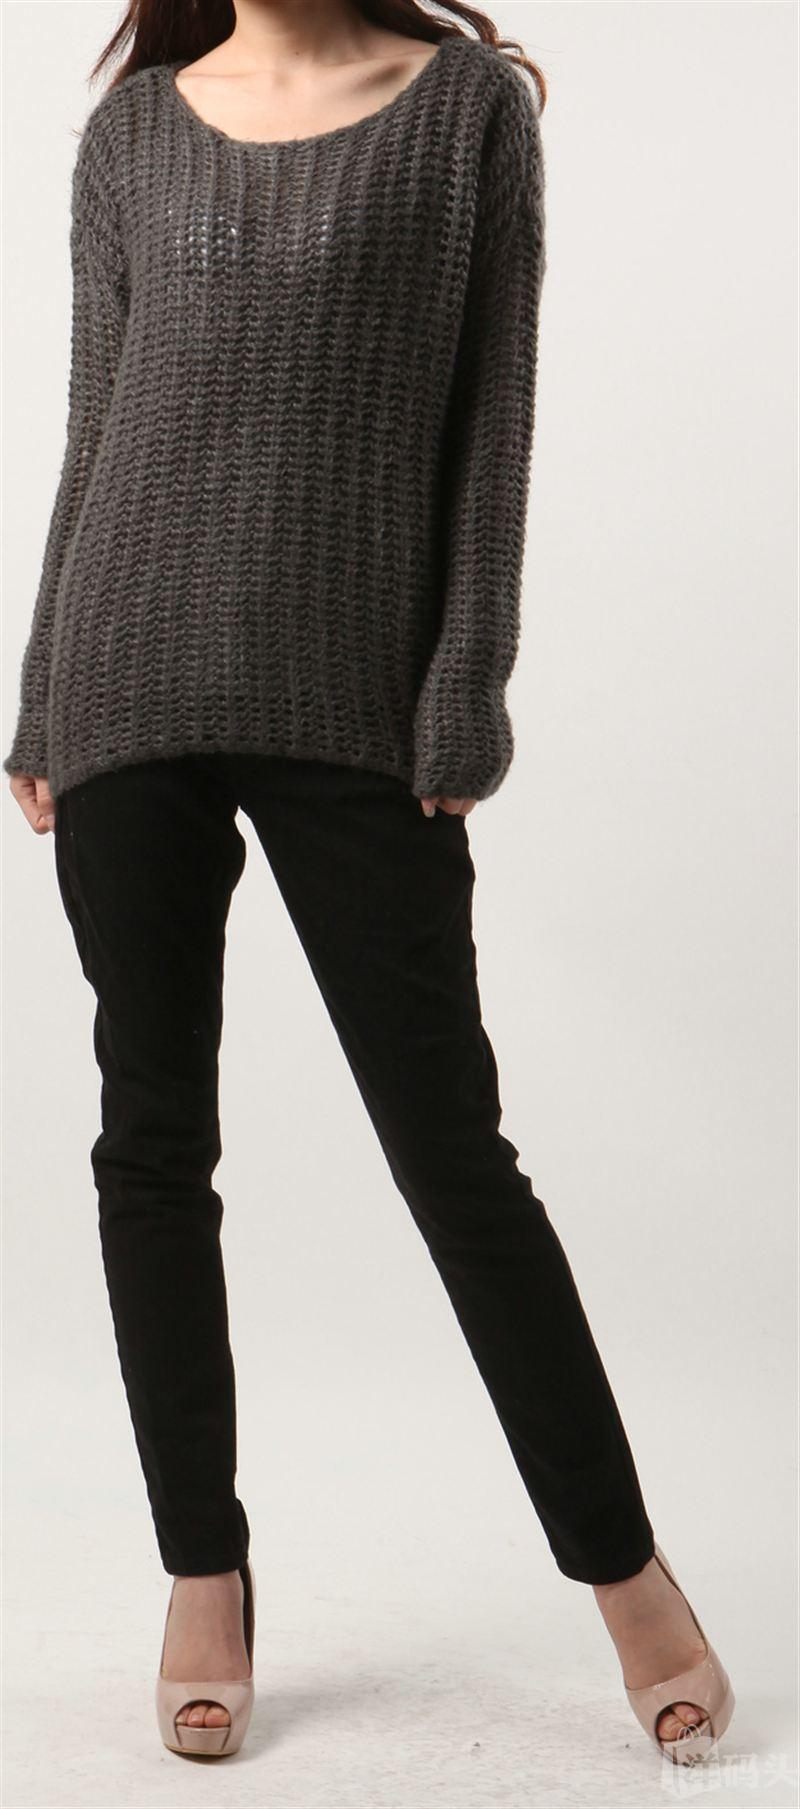 亏本卖! 美国晓雪!Calvin Klein/CK女款镂空毛衣!不退换!